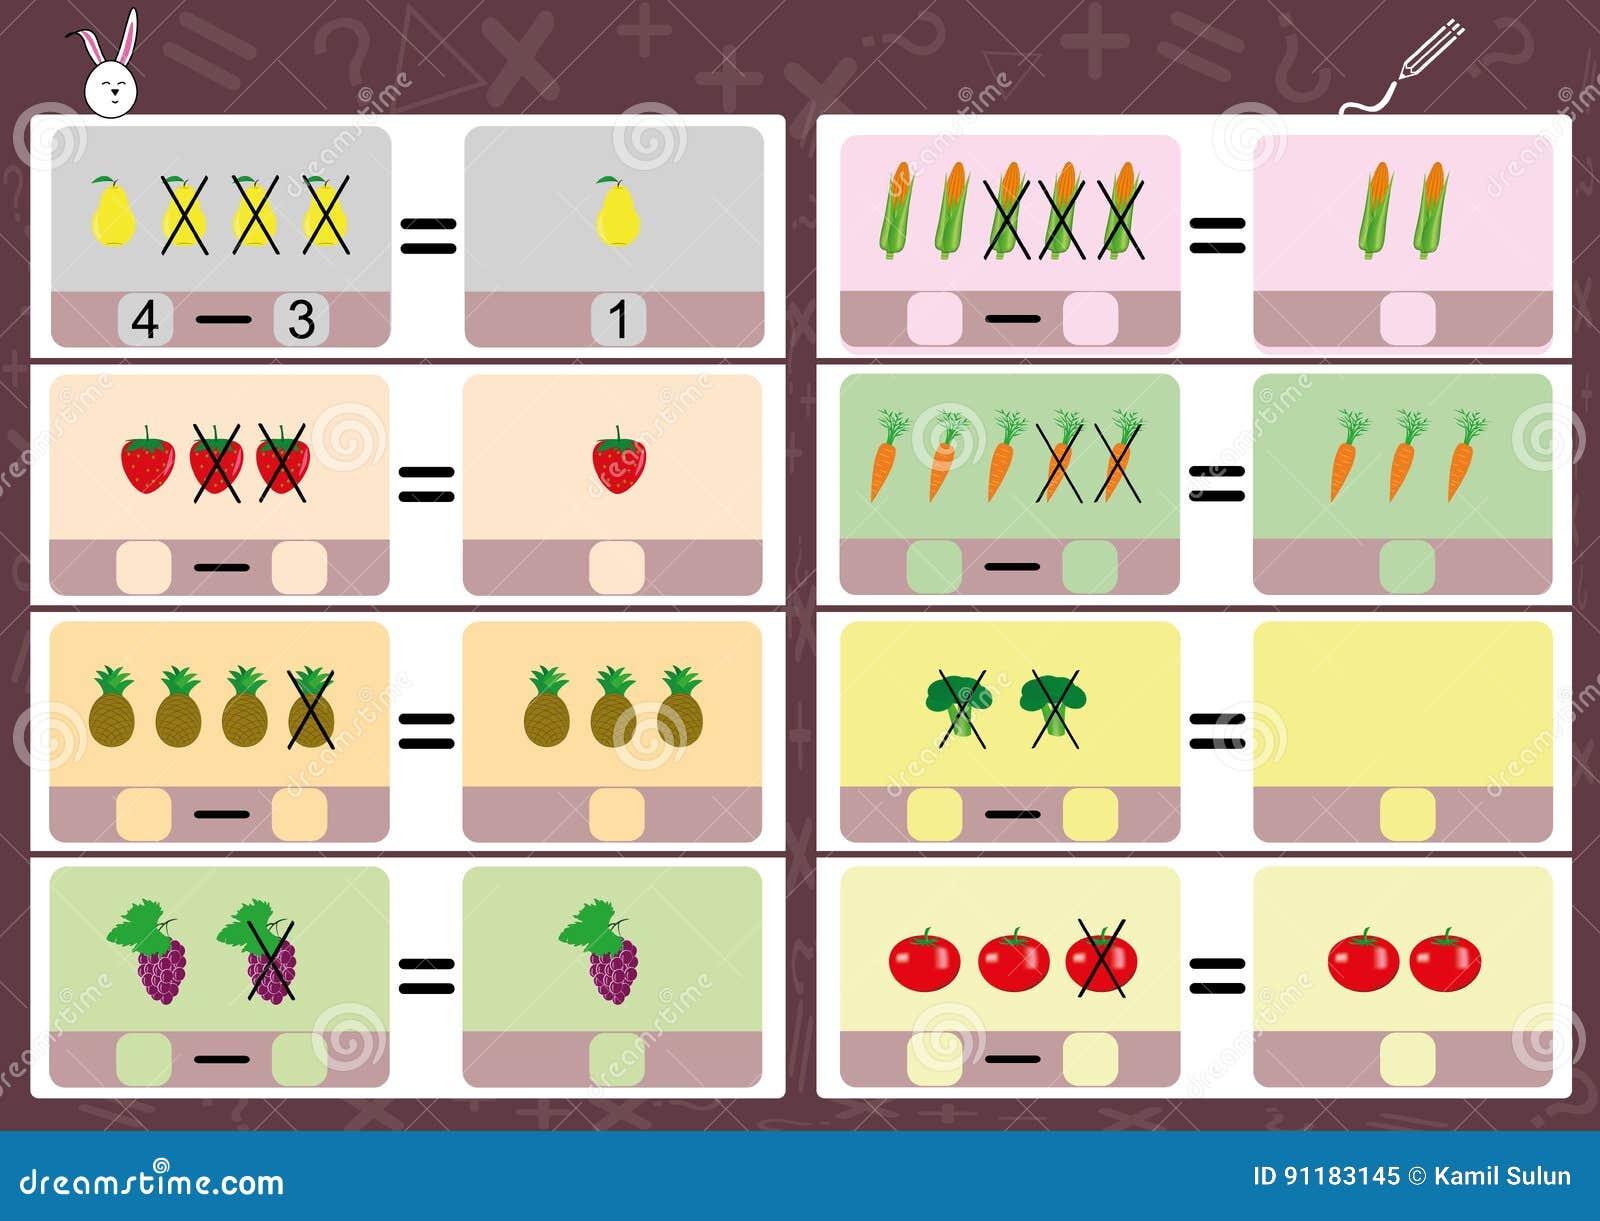 subtracting using pictures math worksheet for kids stock illustration image 91183145. Black Bedroom Furniture Sets. Home Design Ideas